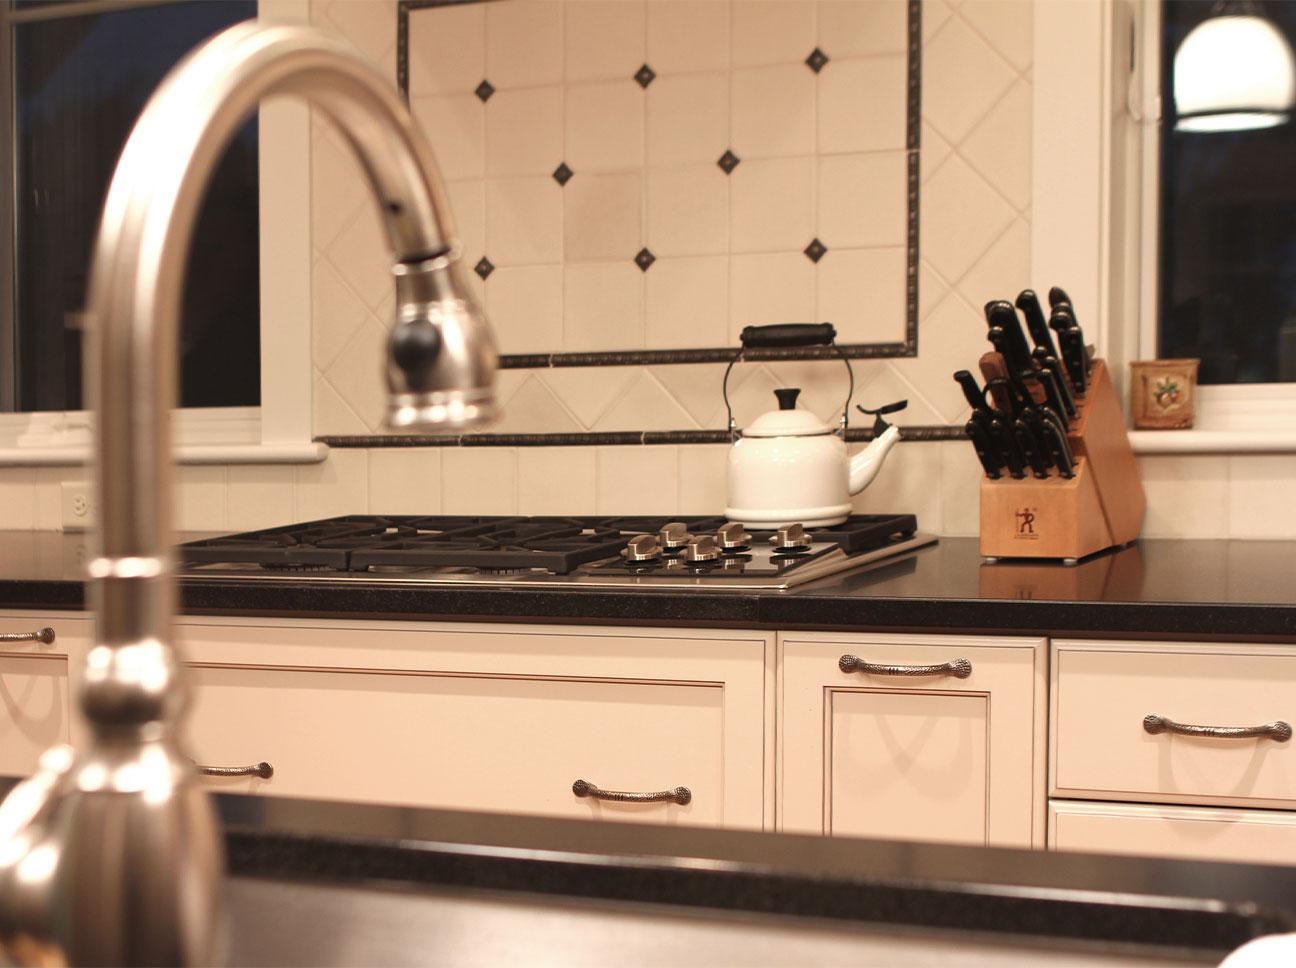 Douston-Kitchens-Range